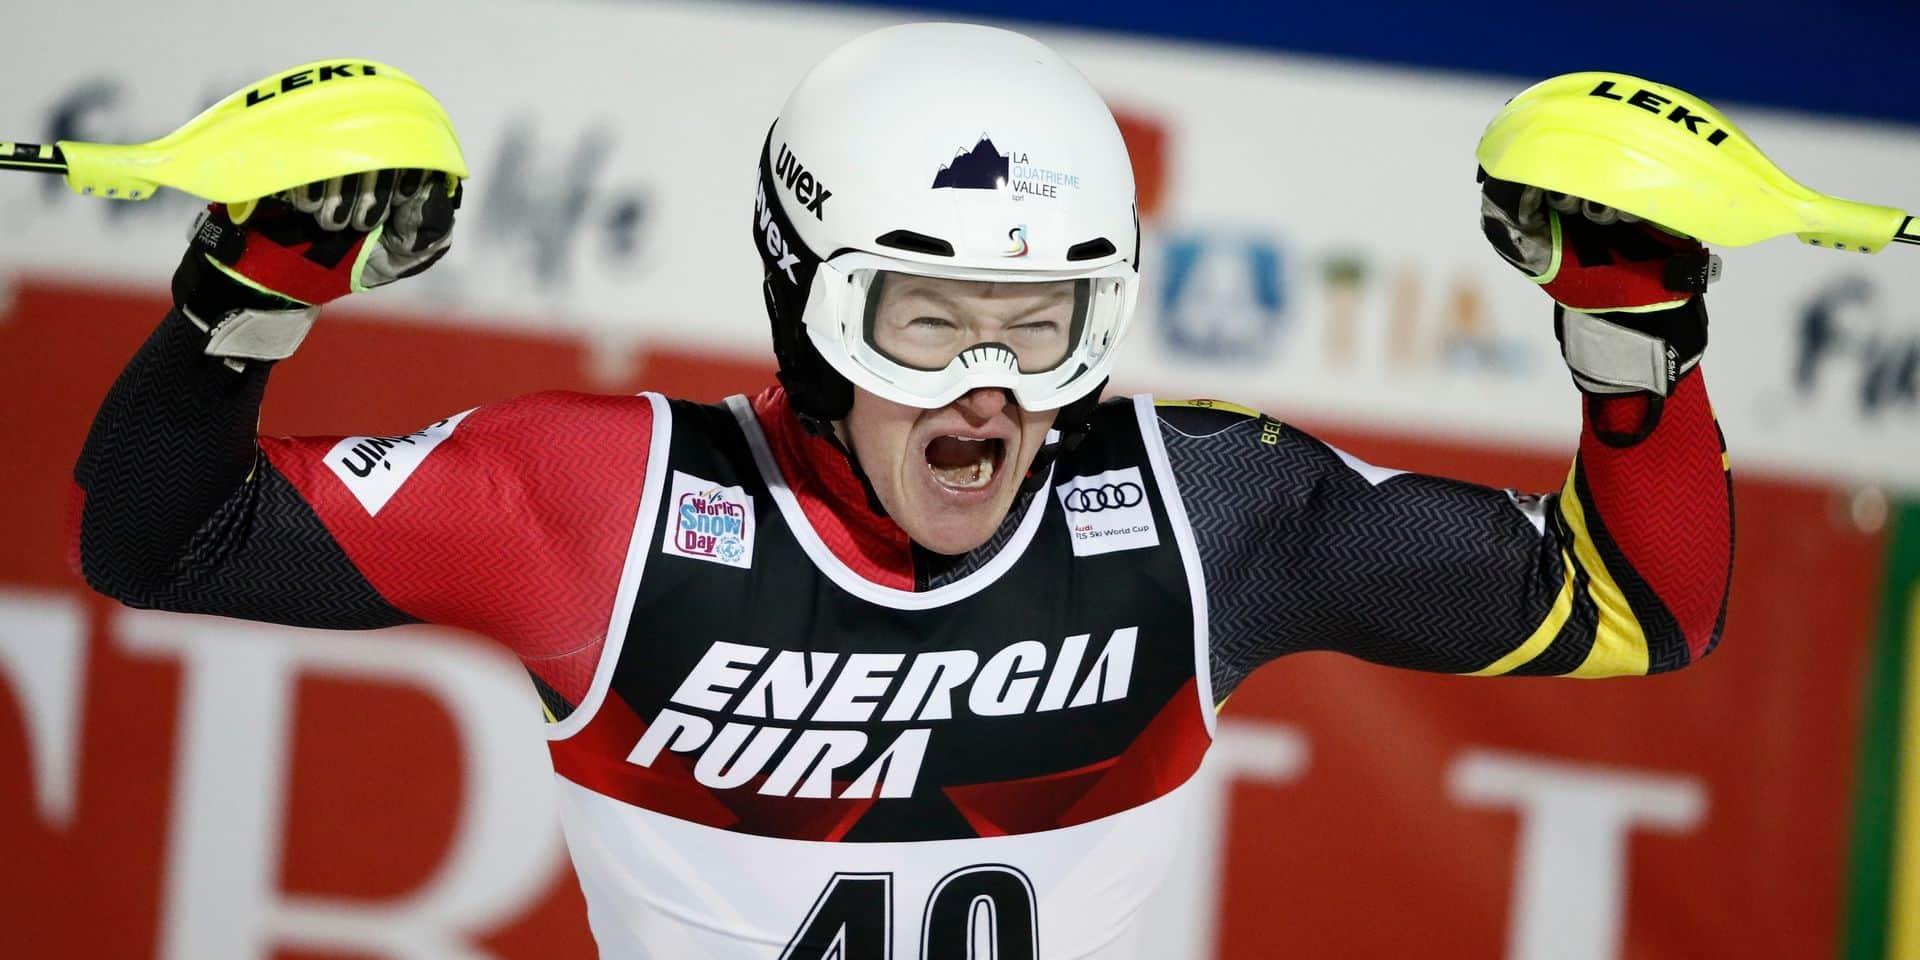 Ski alpin: Armand Marchant signe un top 5 historique sur le slalom de Zagreb en Coupe du monde